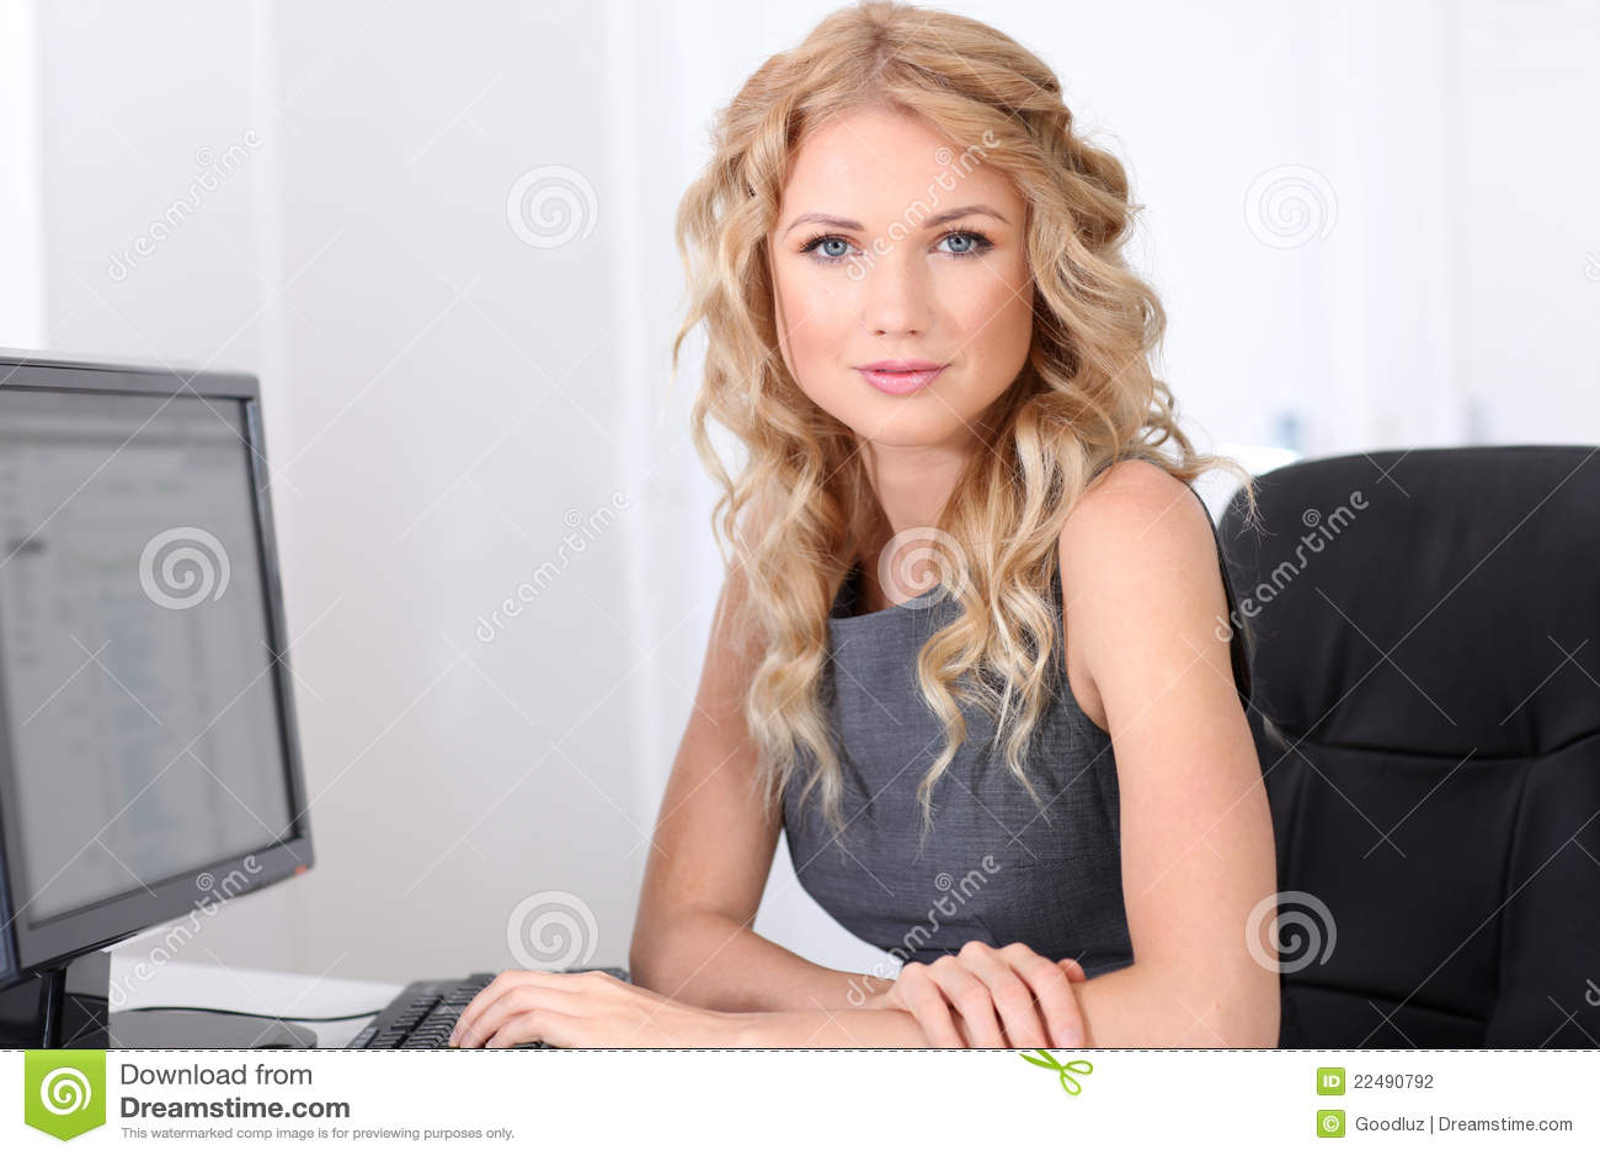 Большие сиськи, порно видео большая грудь